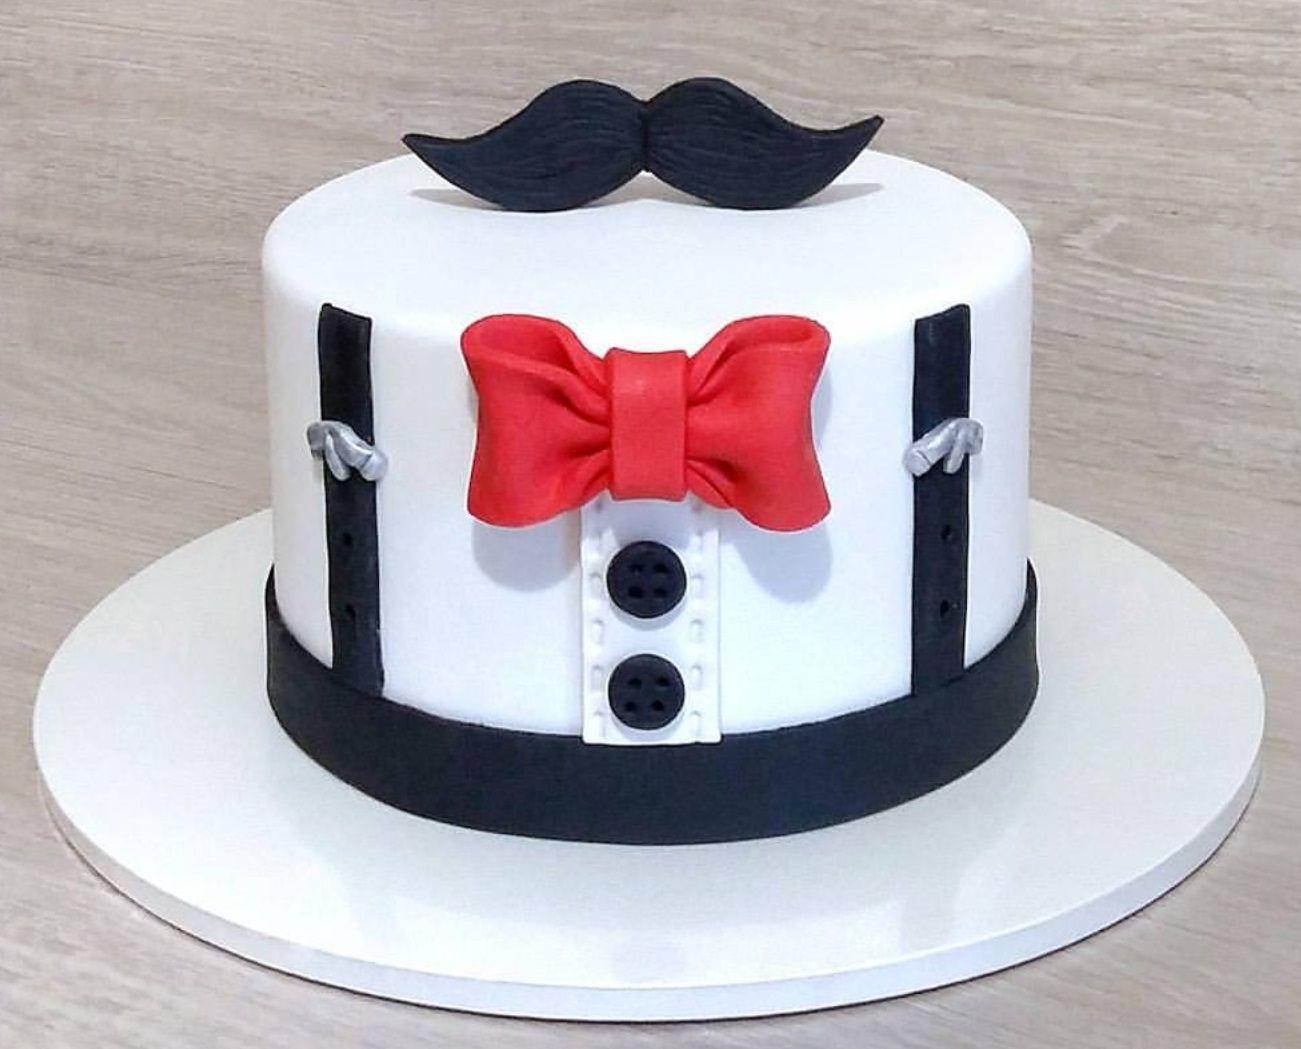 The Gentleman Cake